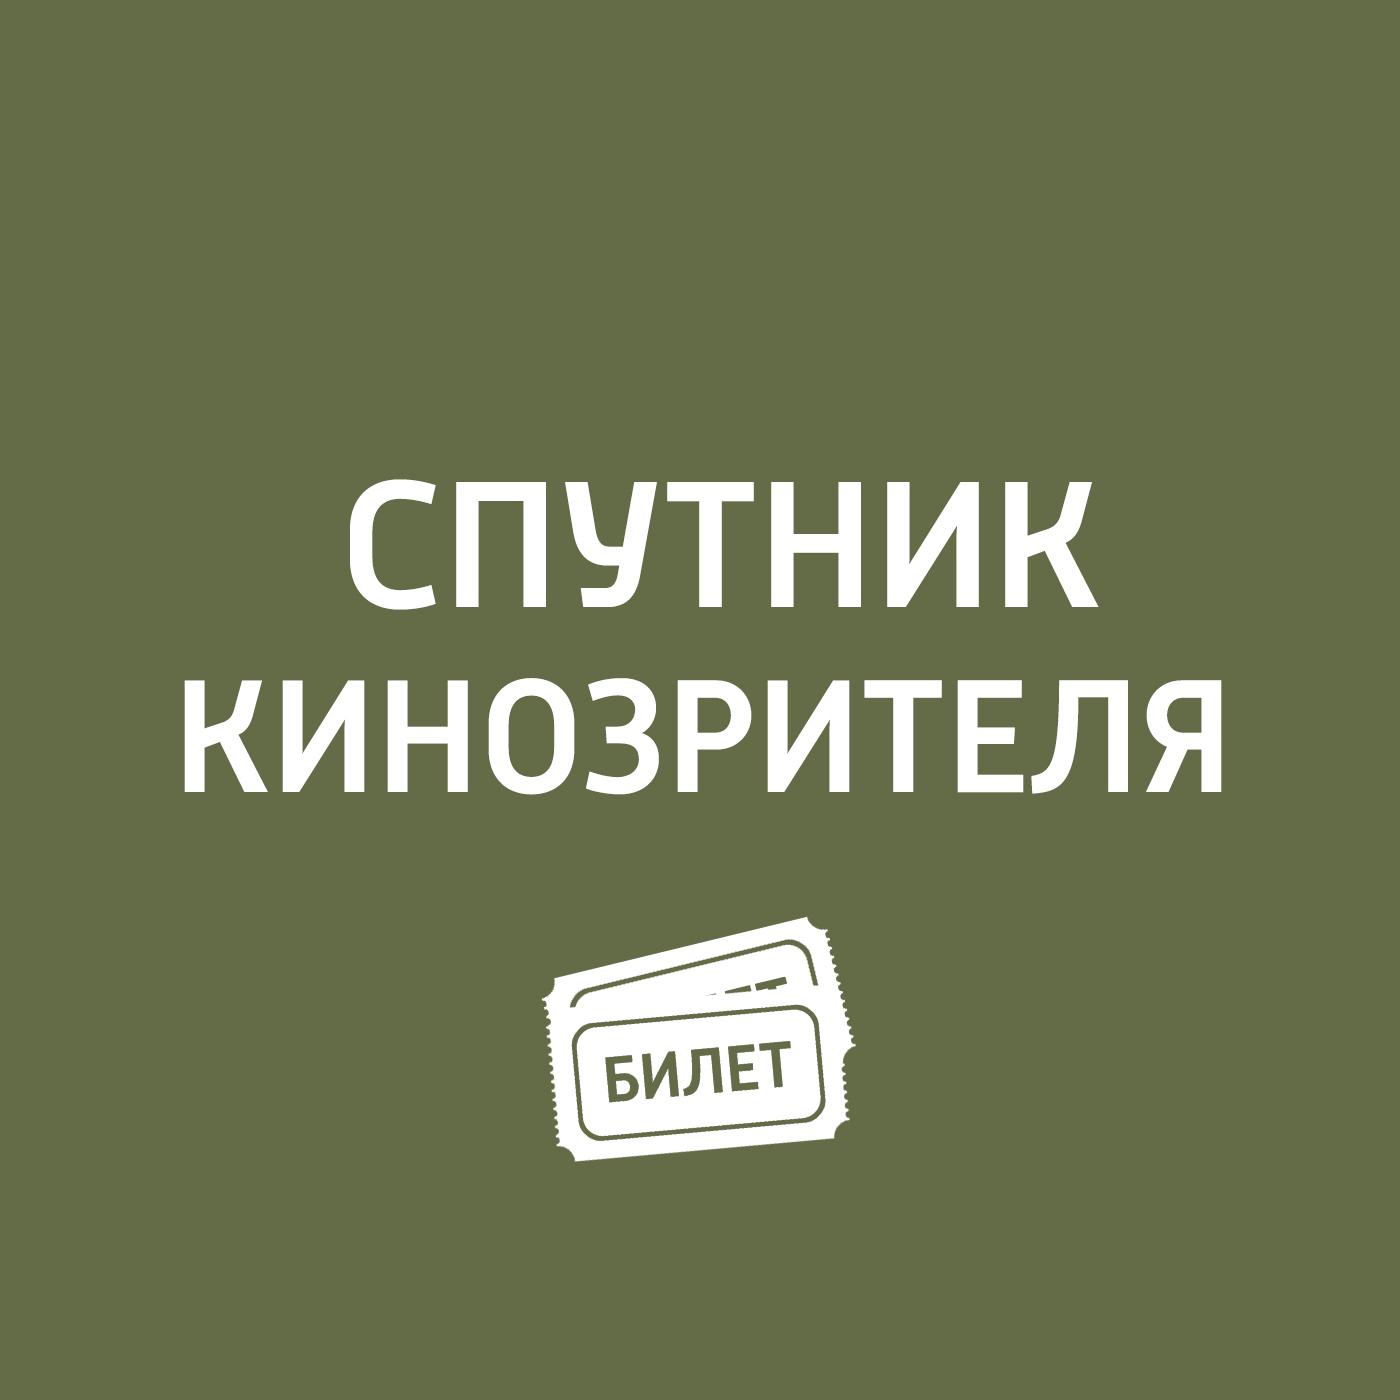 Антон Долин Антон Долин о венецианском кинофестивале антон долин киносказки вчера и сегодня